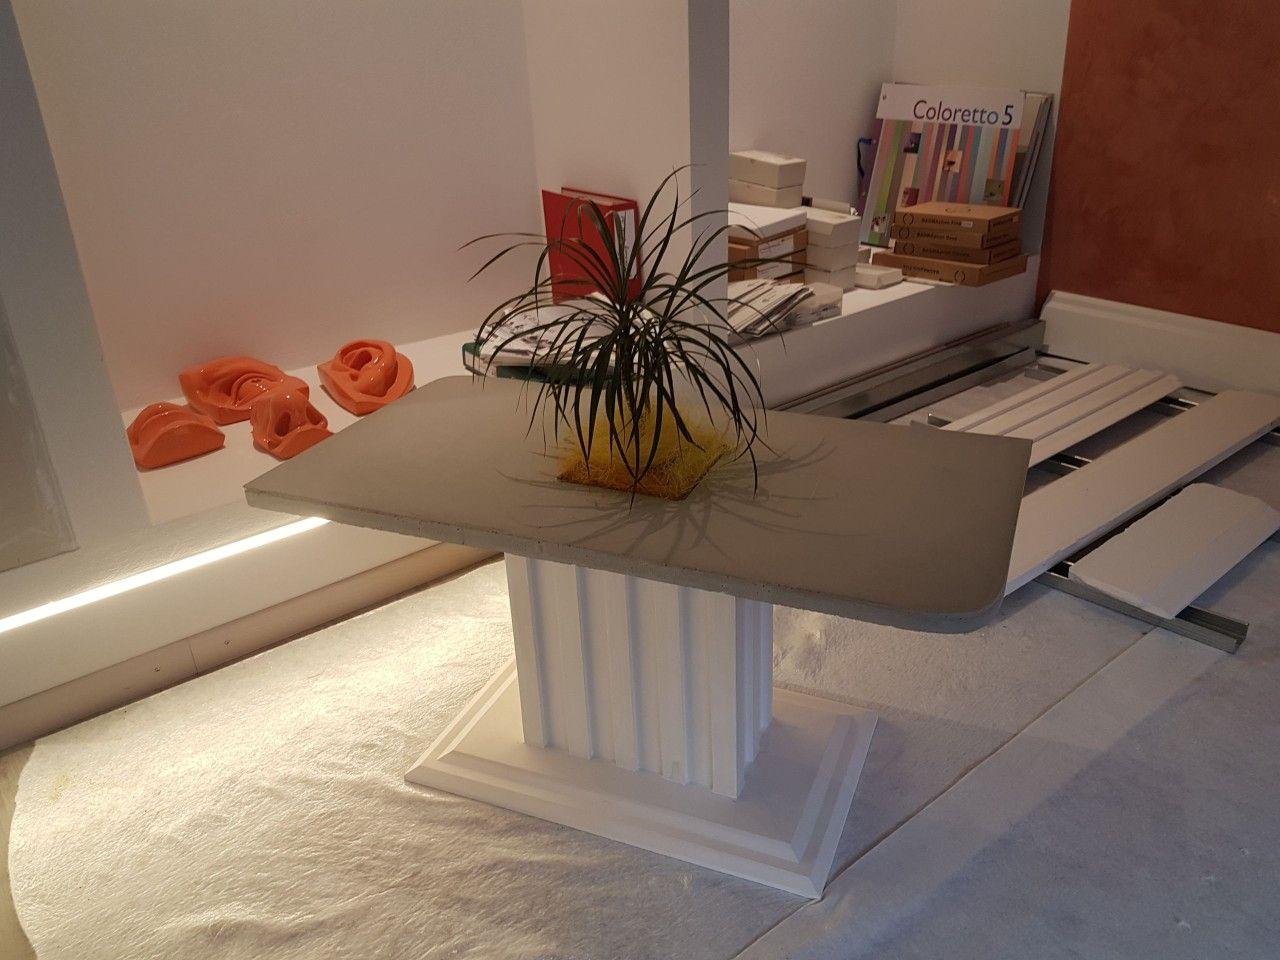 salontisch beton, tisch, regal, konsole, tablar glas, gips, stuck